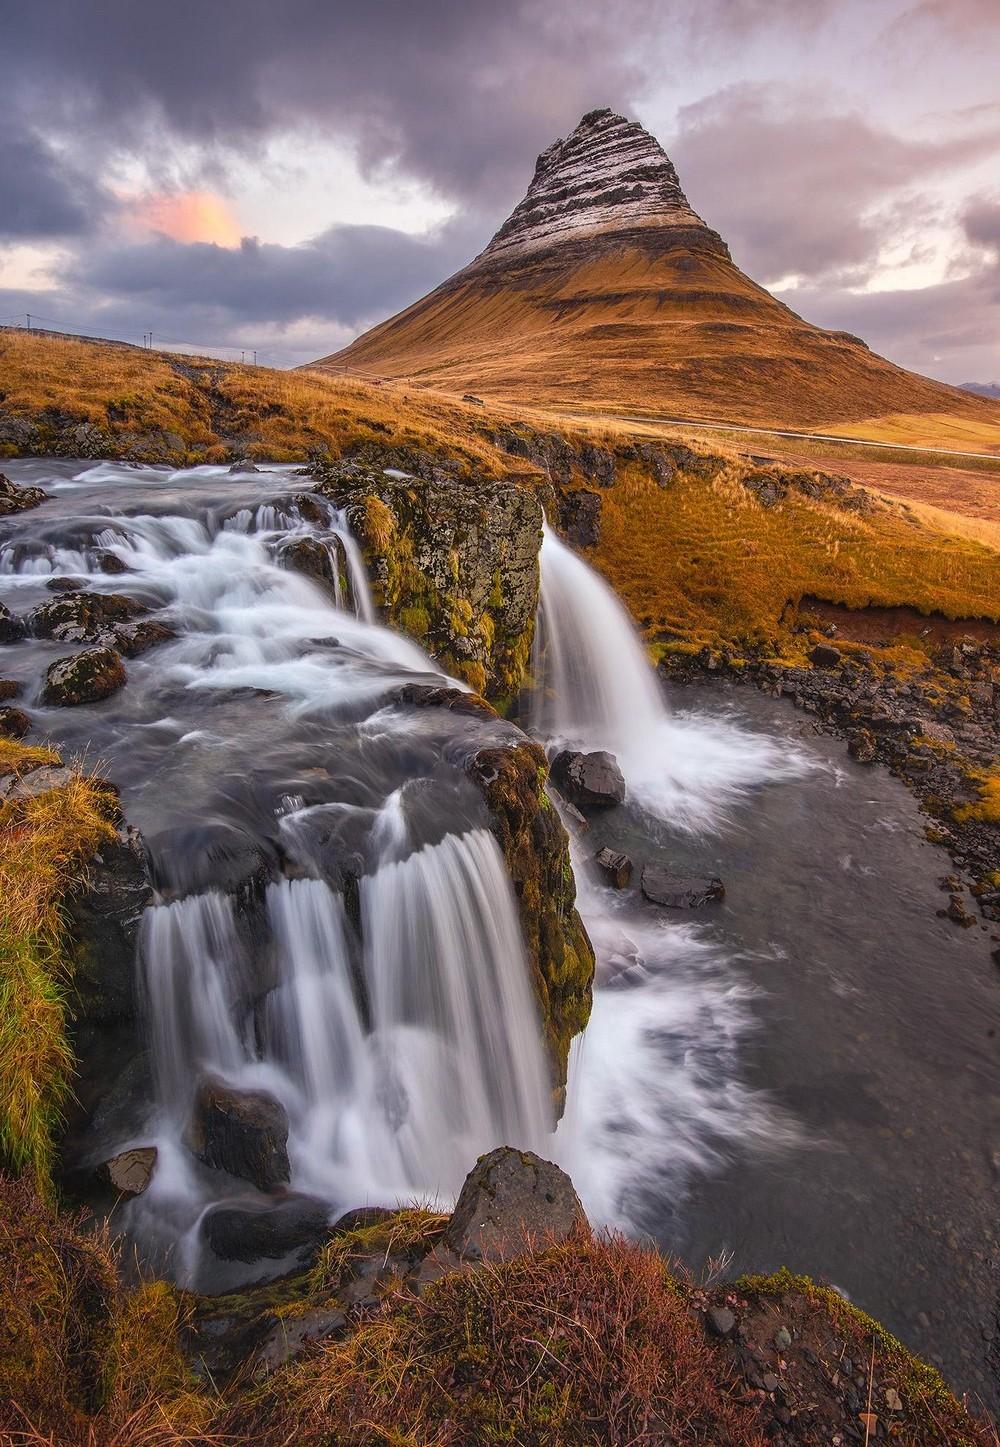 Красота природы на фотографиях